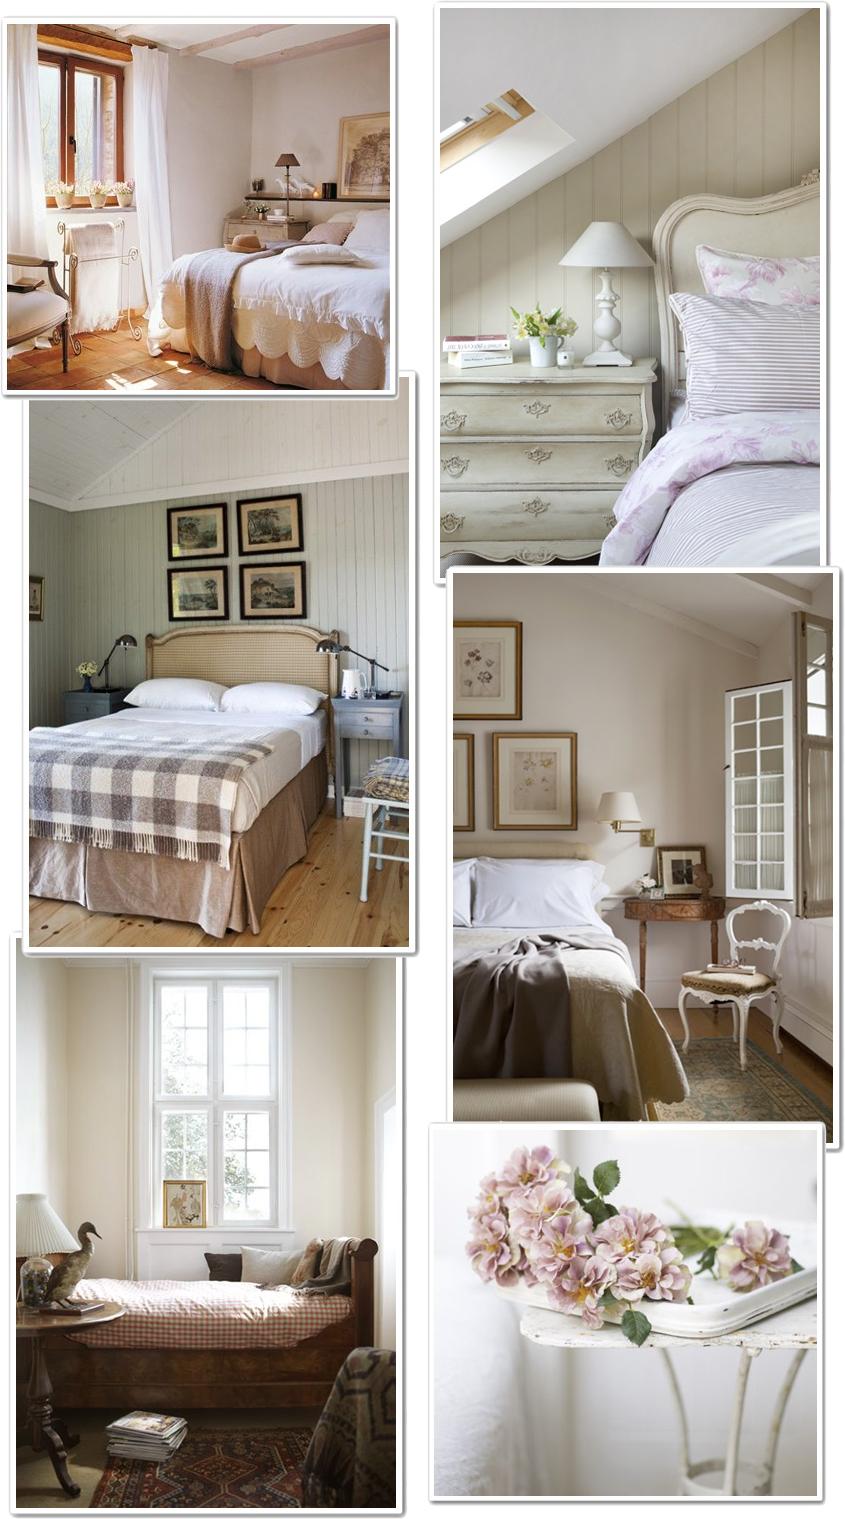 Poltroncine moderne per camere da letto - Testata letto matrimoniale shabby ...